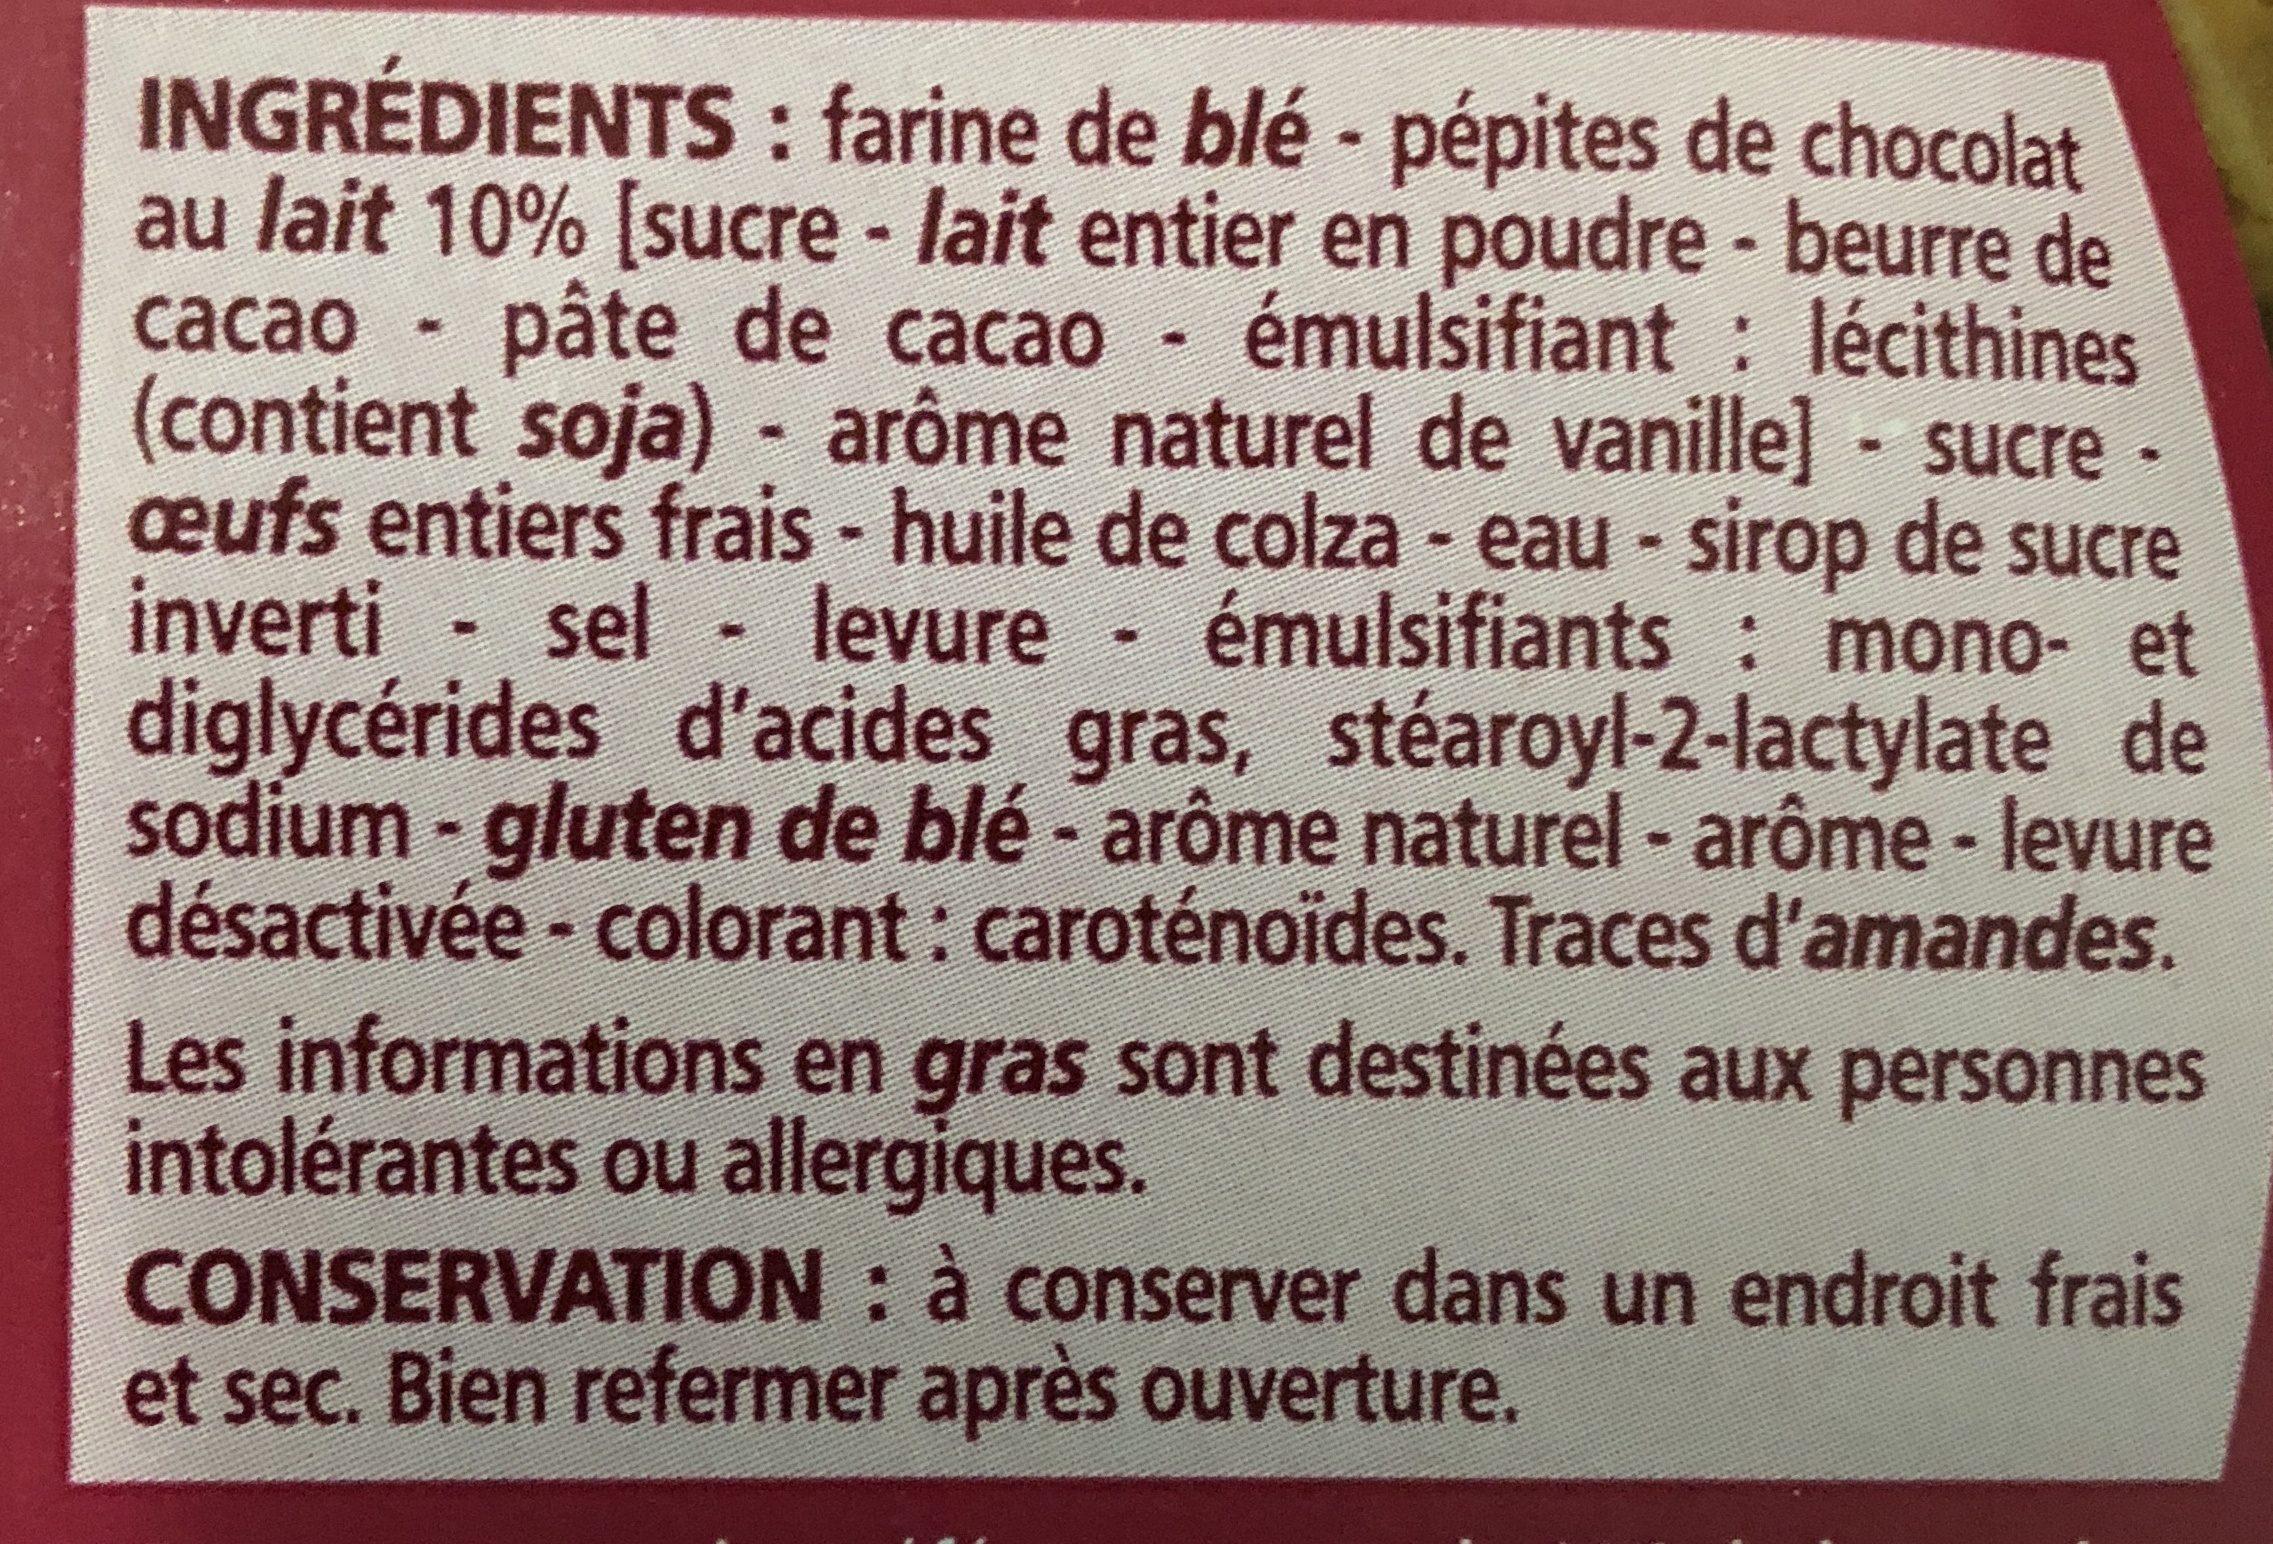 Brioche des rois aux pépites de chocolat au lait - Ingredients - fr